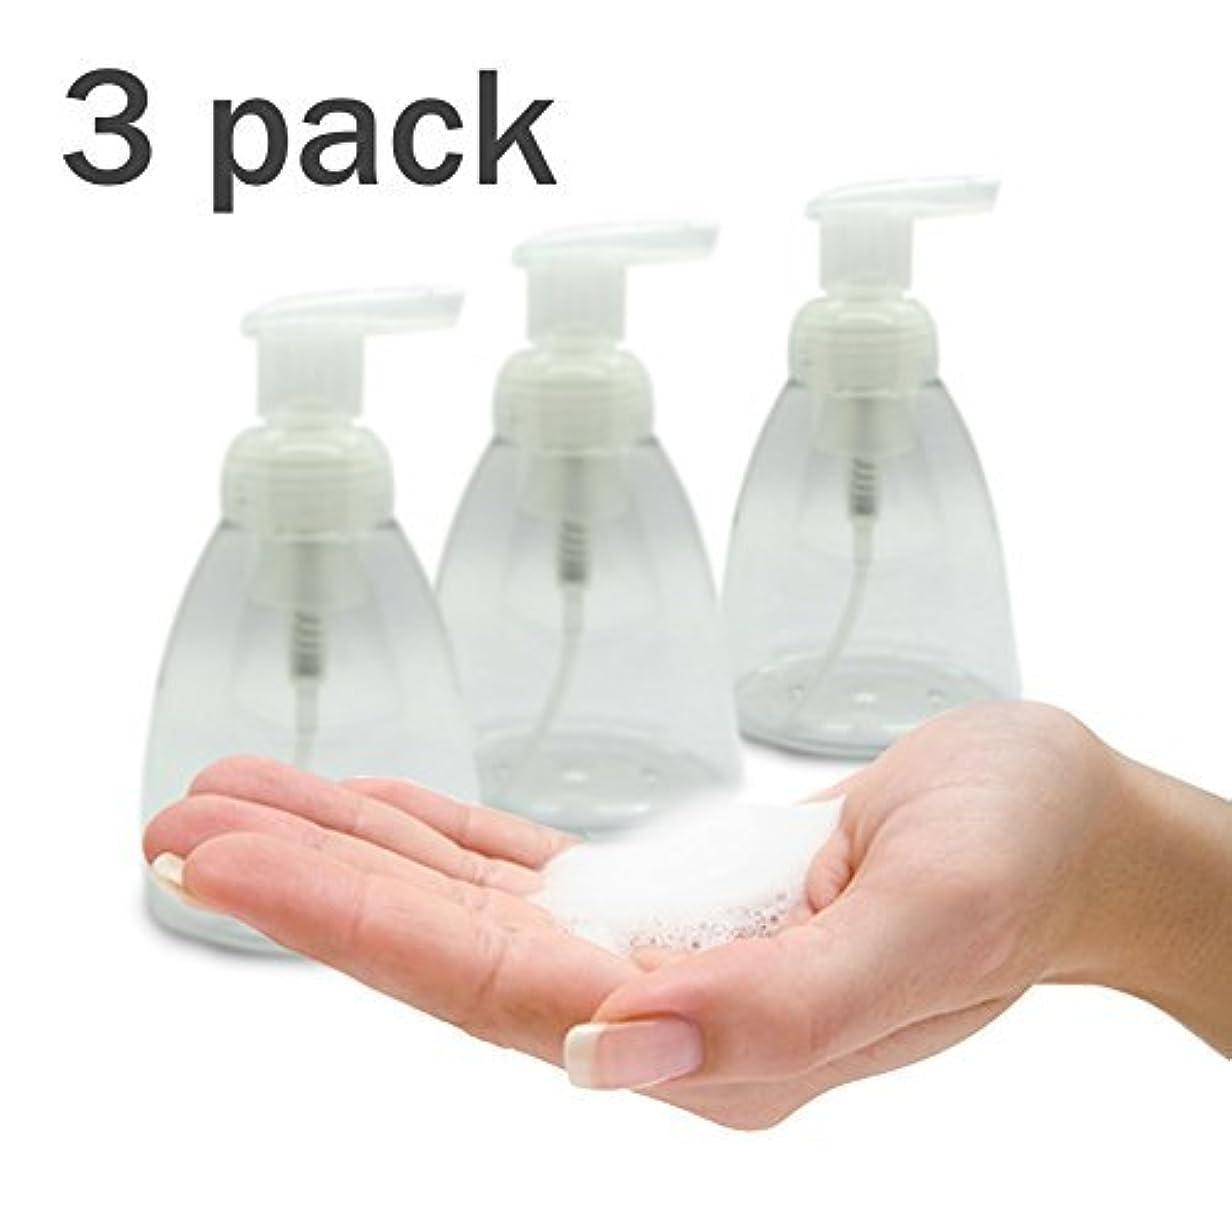 肯定的アベニュー化学薬品Foaming Soap Dispenser Set of 3 pack 300ml (10 oz) Empty Bottles Hand Soap Liquid Containers. Save Money! Less...